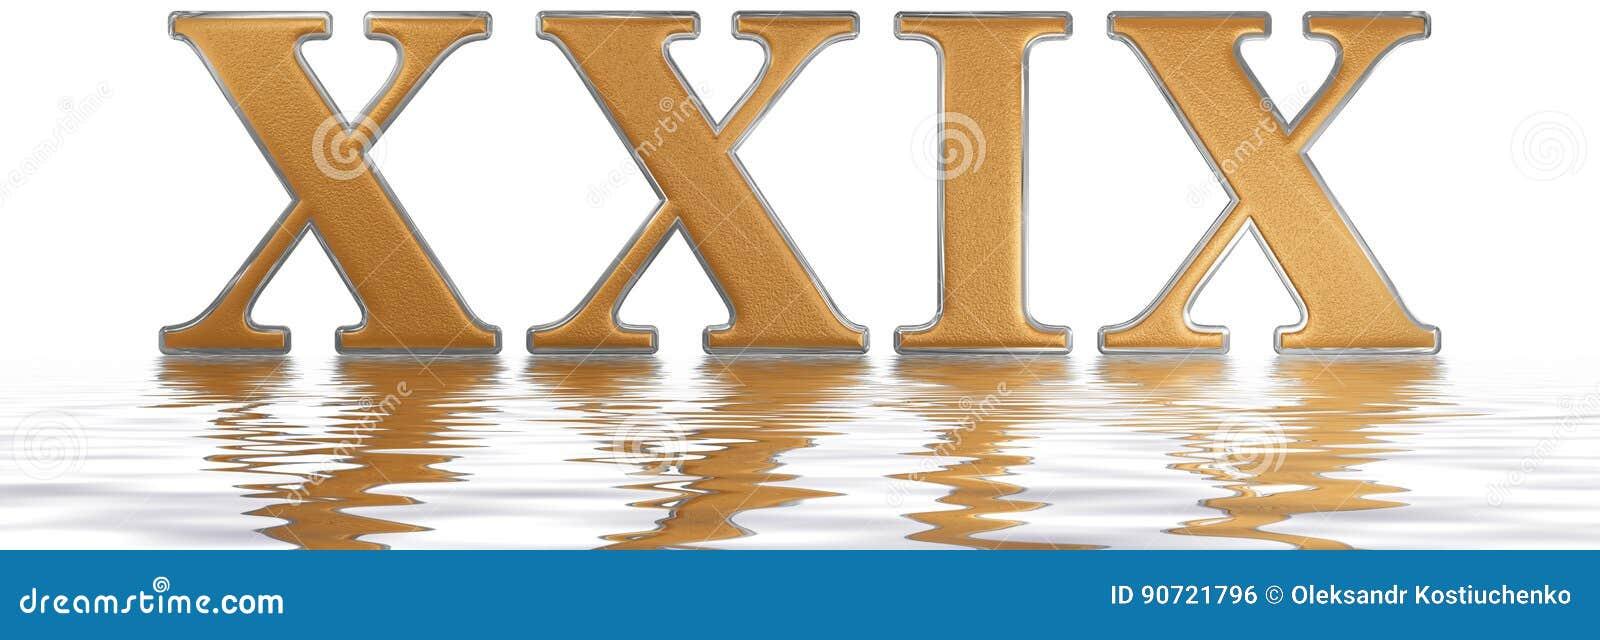 23 Chiffre Romain chiffre romain xxix, novem et viginti, 29, vingt-neuf, reflété